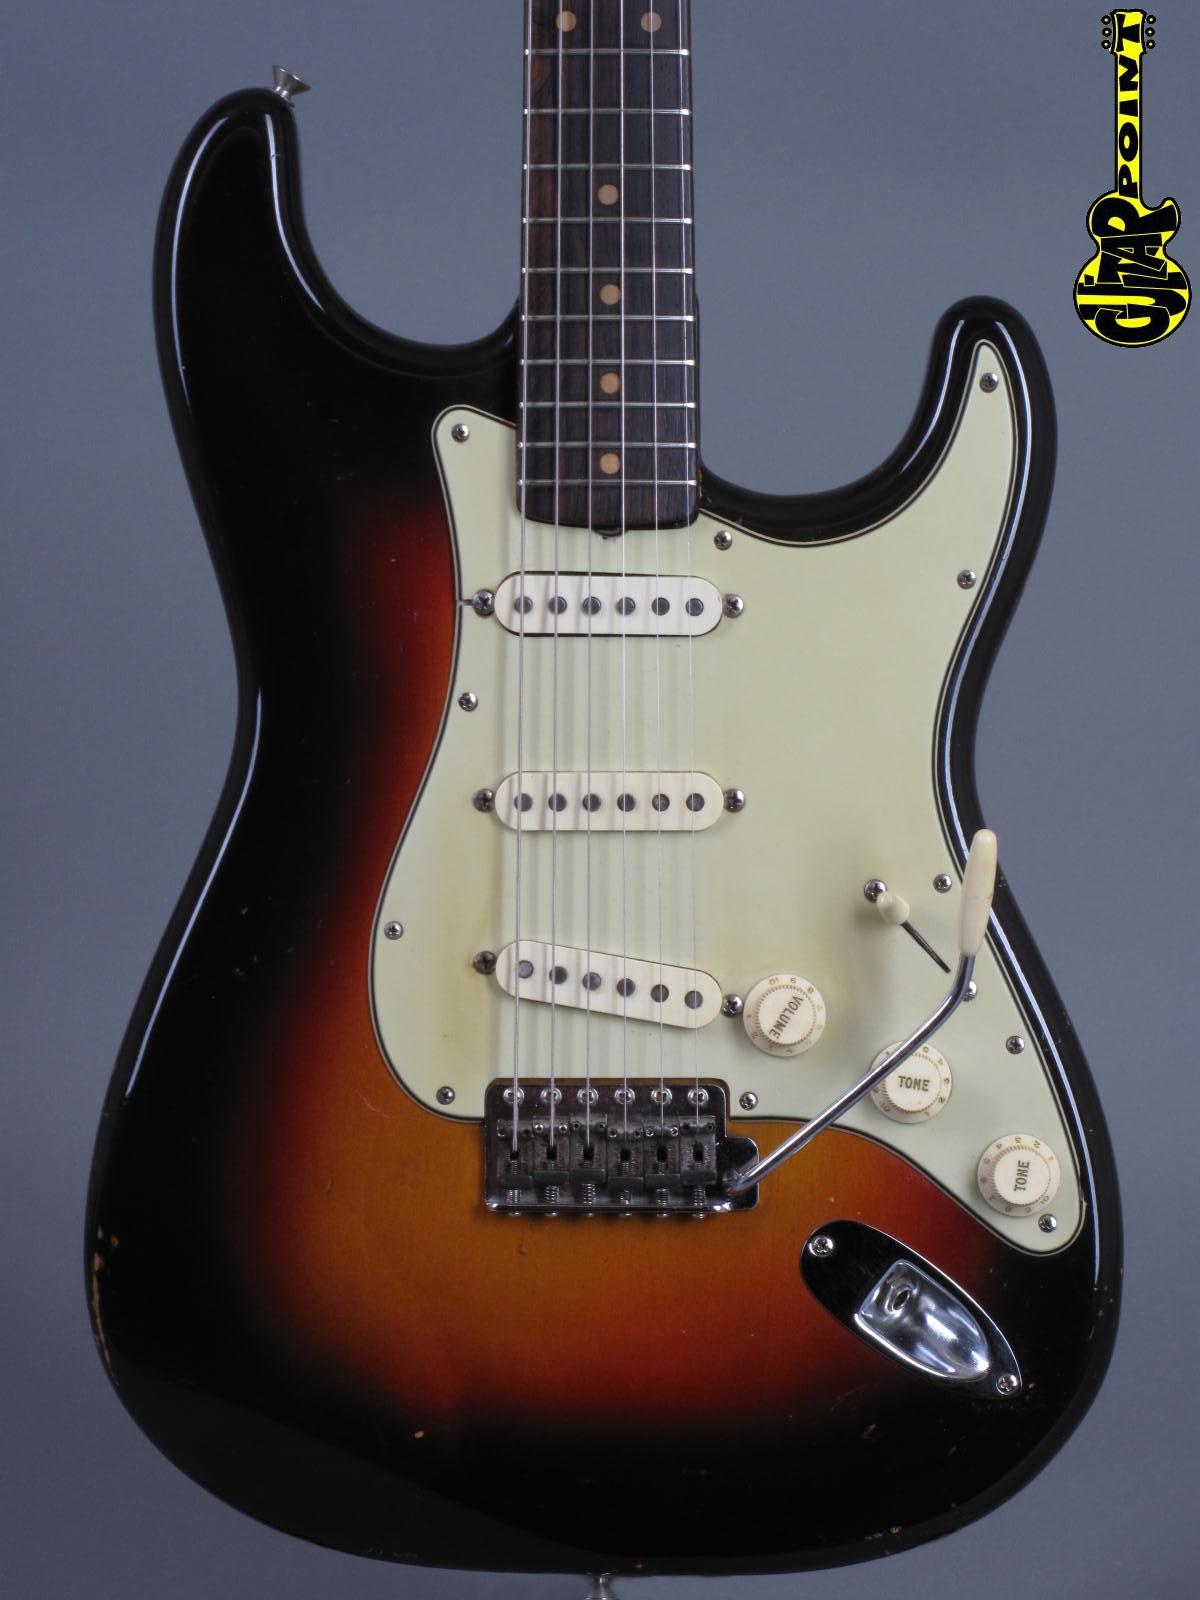 1961 Fender Stratocaster - 3-tone Sunburst   ...only 3,38kg!